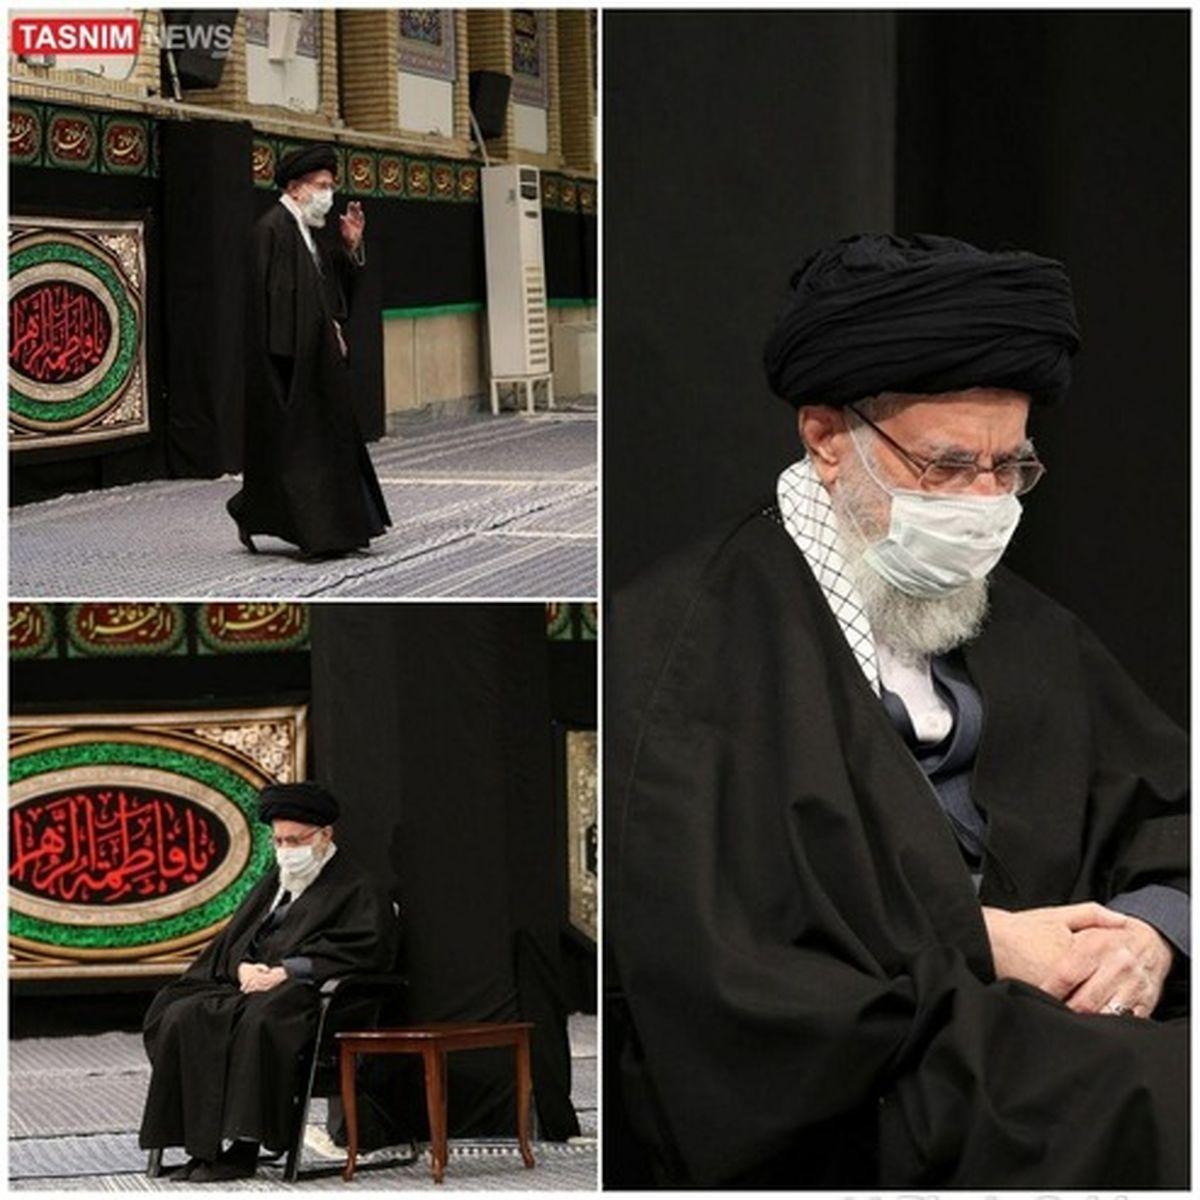 تصاویری از آخرین شب عزاداری فاطمیه در بیت رهبری